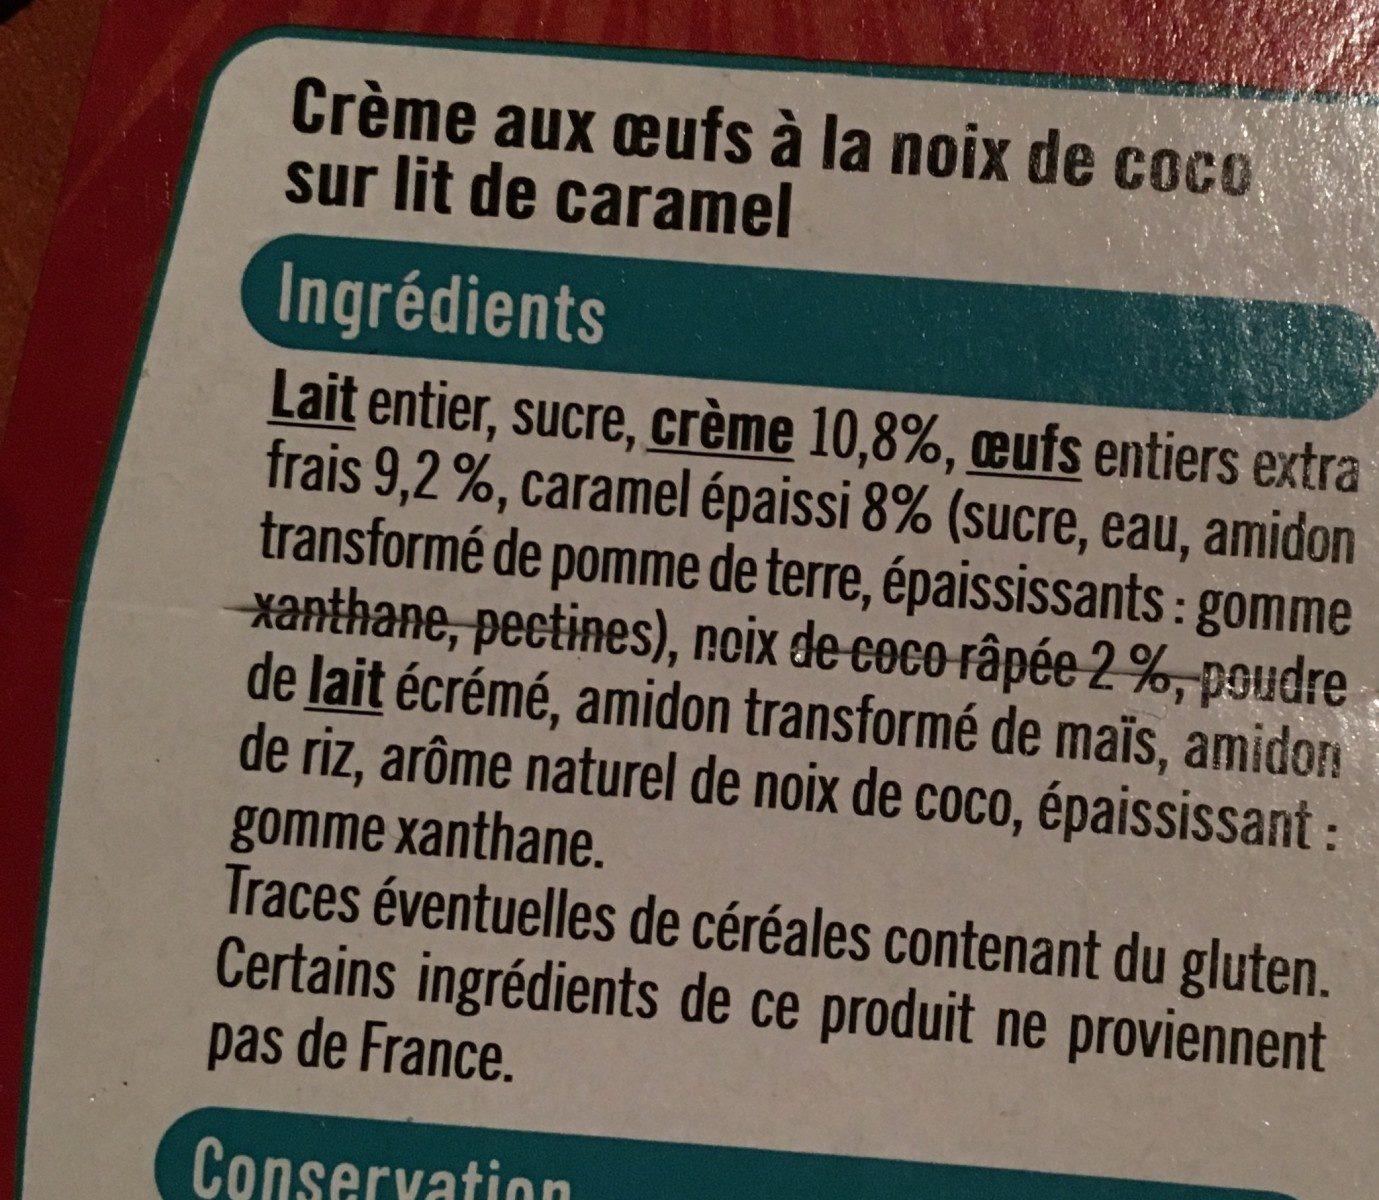 Crème aux oeufs noix de coco sur lit de caramel - Ingrédients - fr